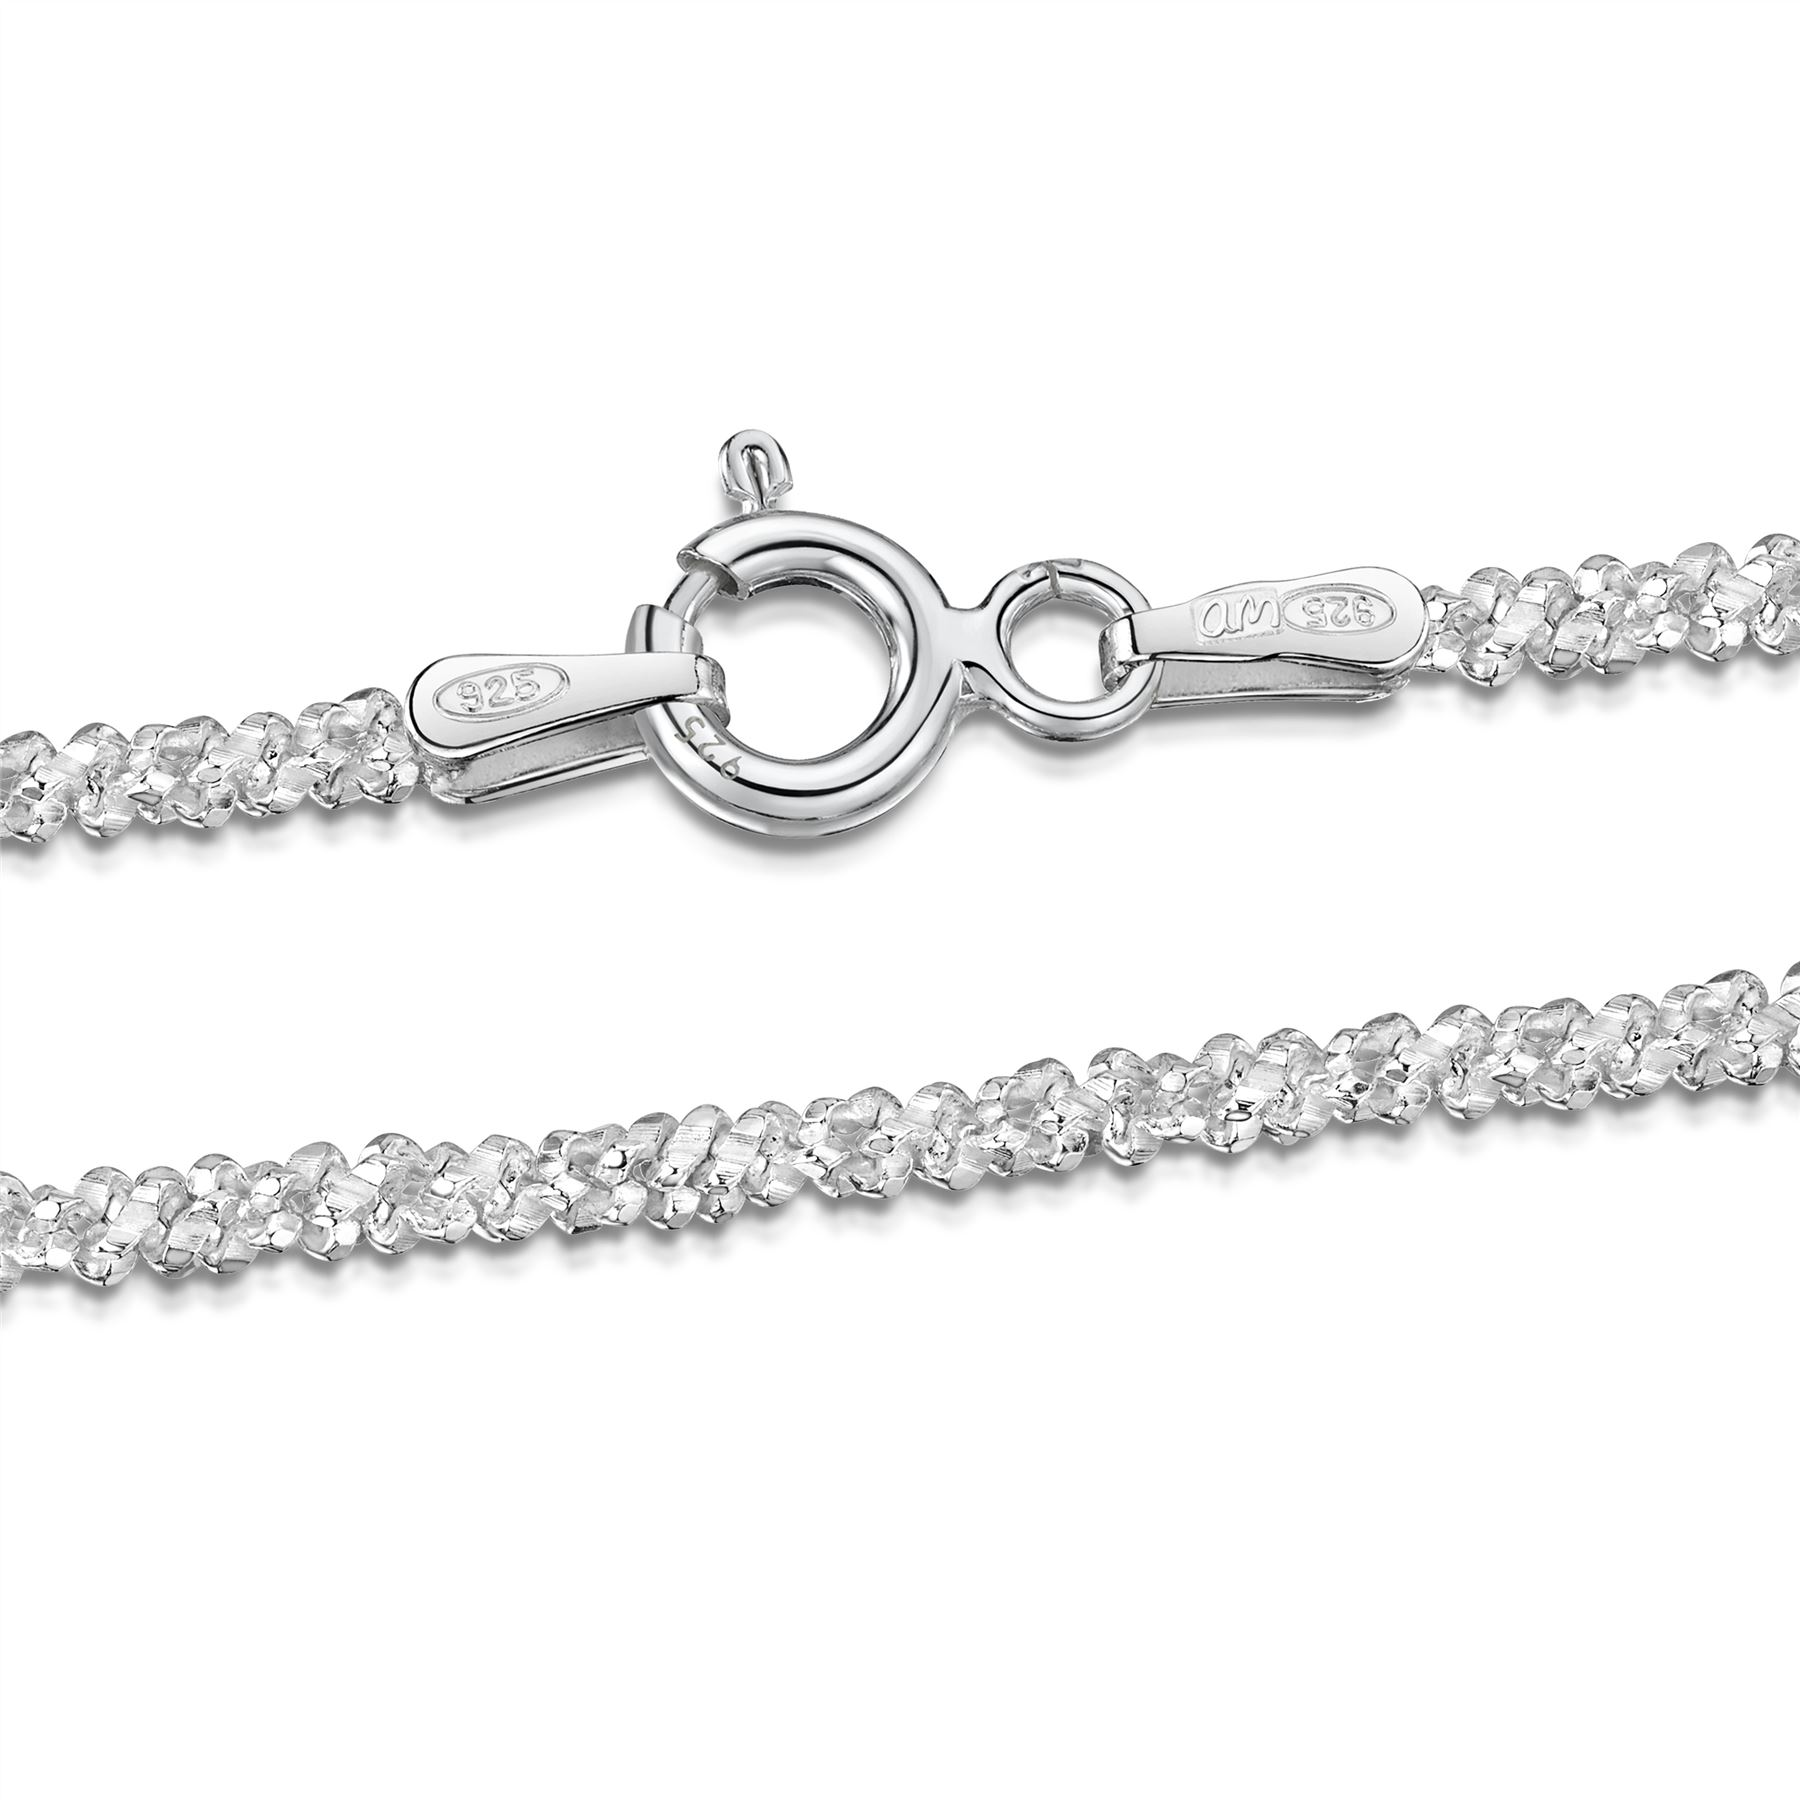 Amberta-Bijoux-Bracelet-en-Vrai-Argent-Sterling-925-Chaine-pour-Femme-a-la-Mode thumbnail 48